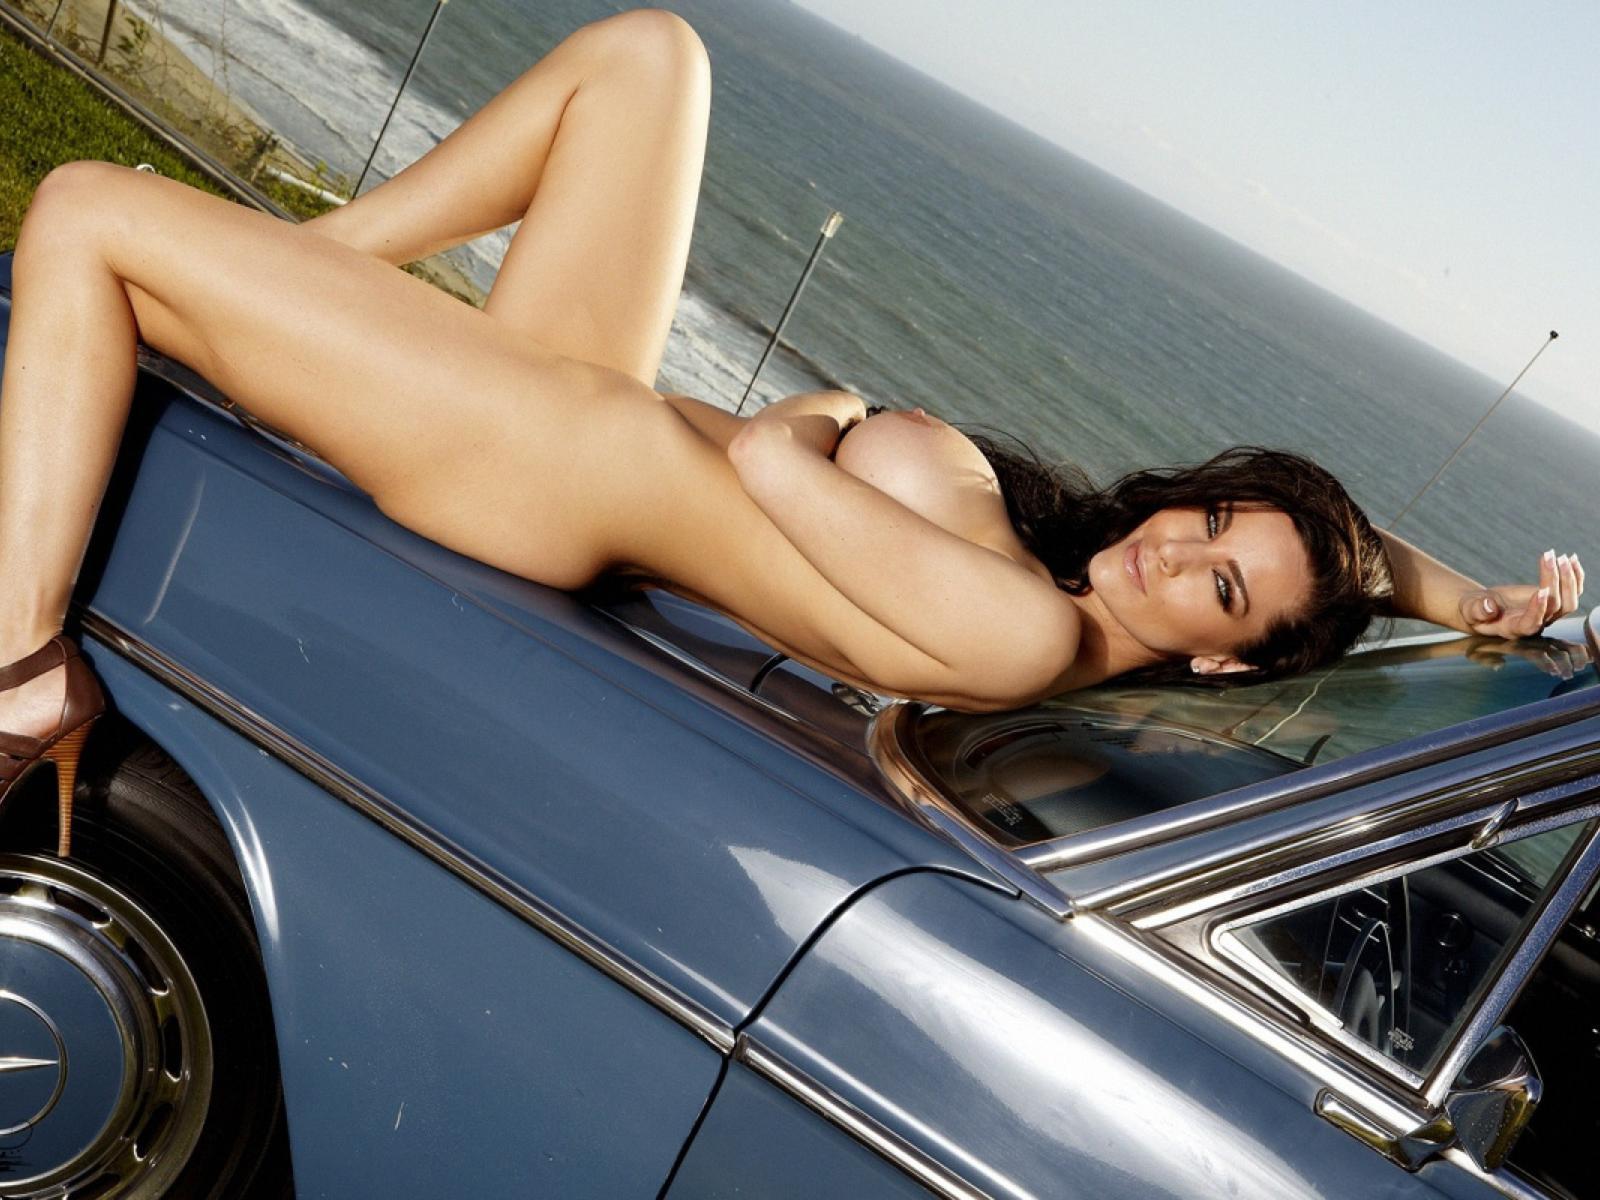 Sonia Baghdady Nude Car